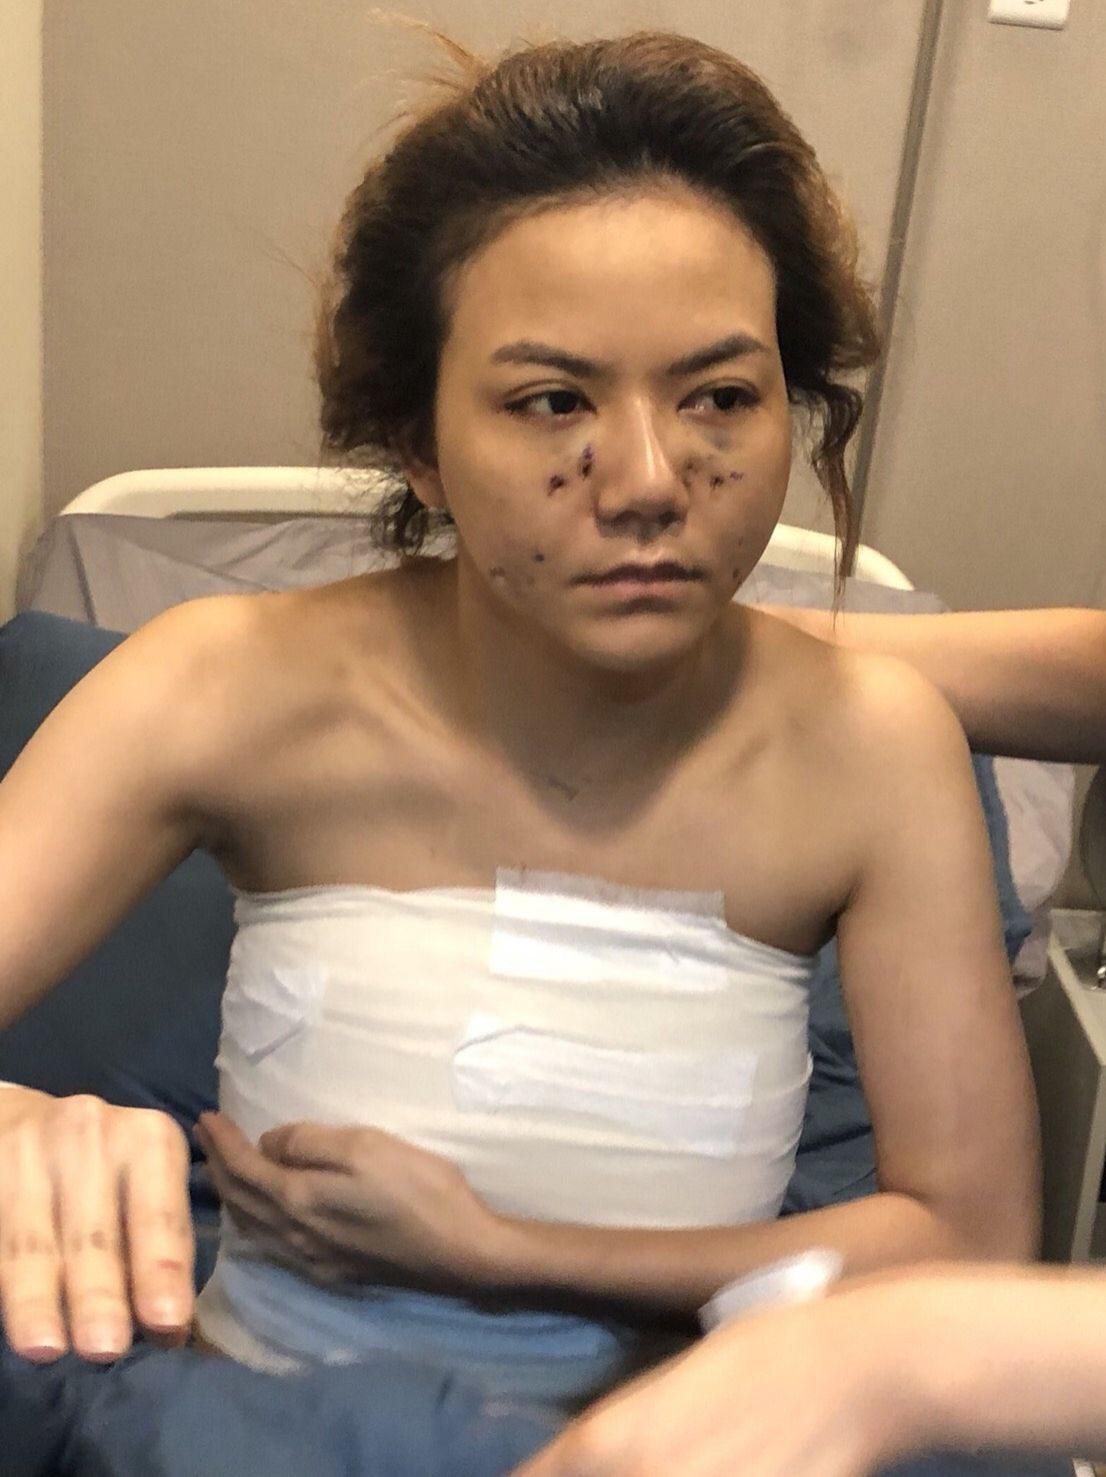 จ๊ะ อาร์สยาม บินศัลยกรรมที่เกาหลี